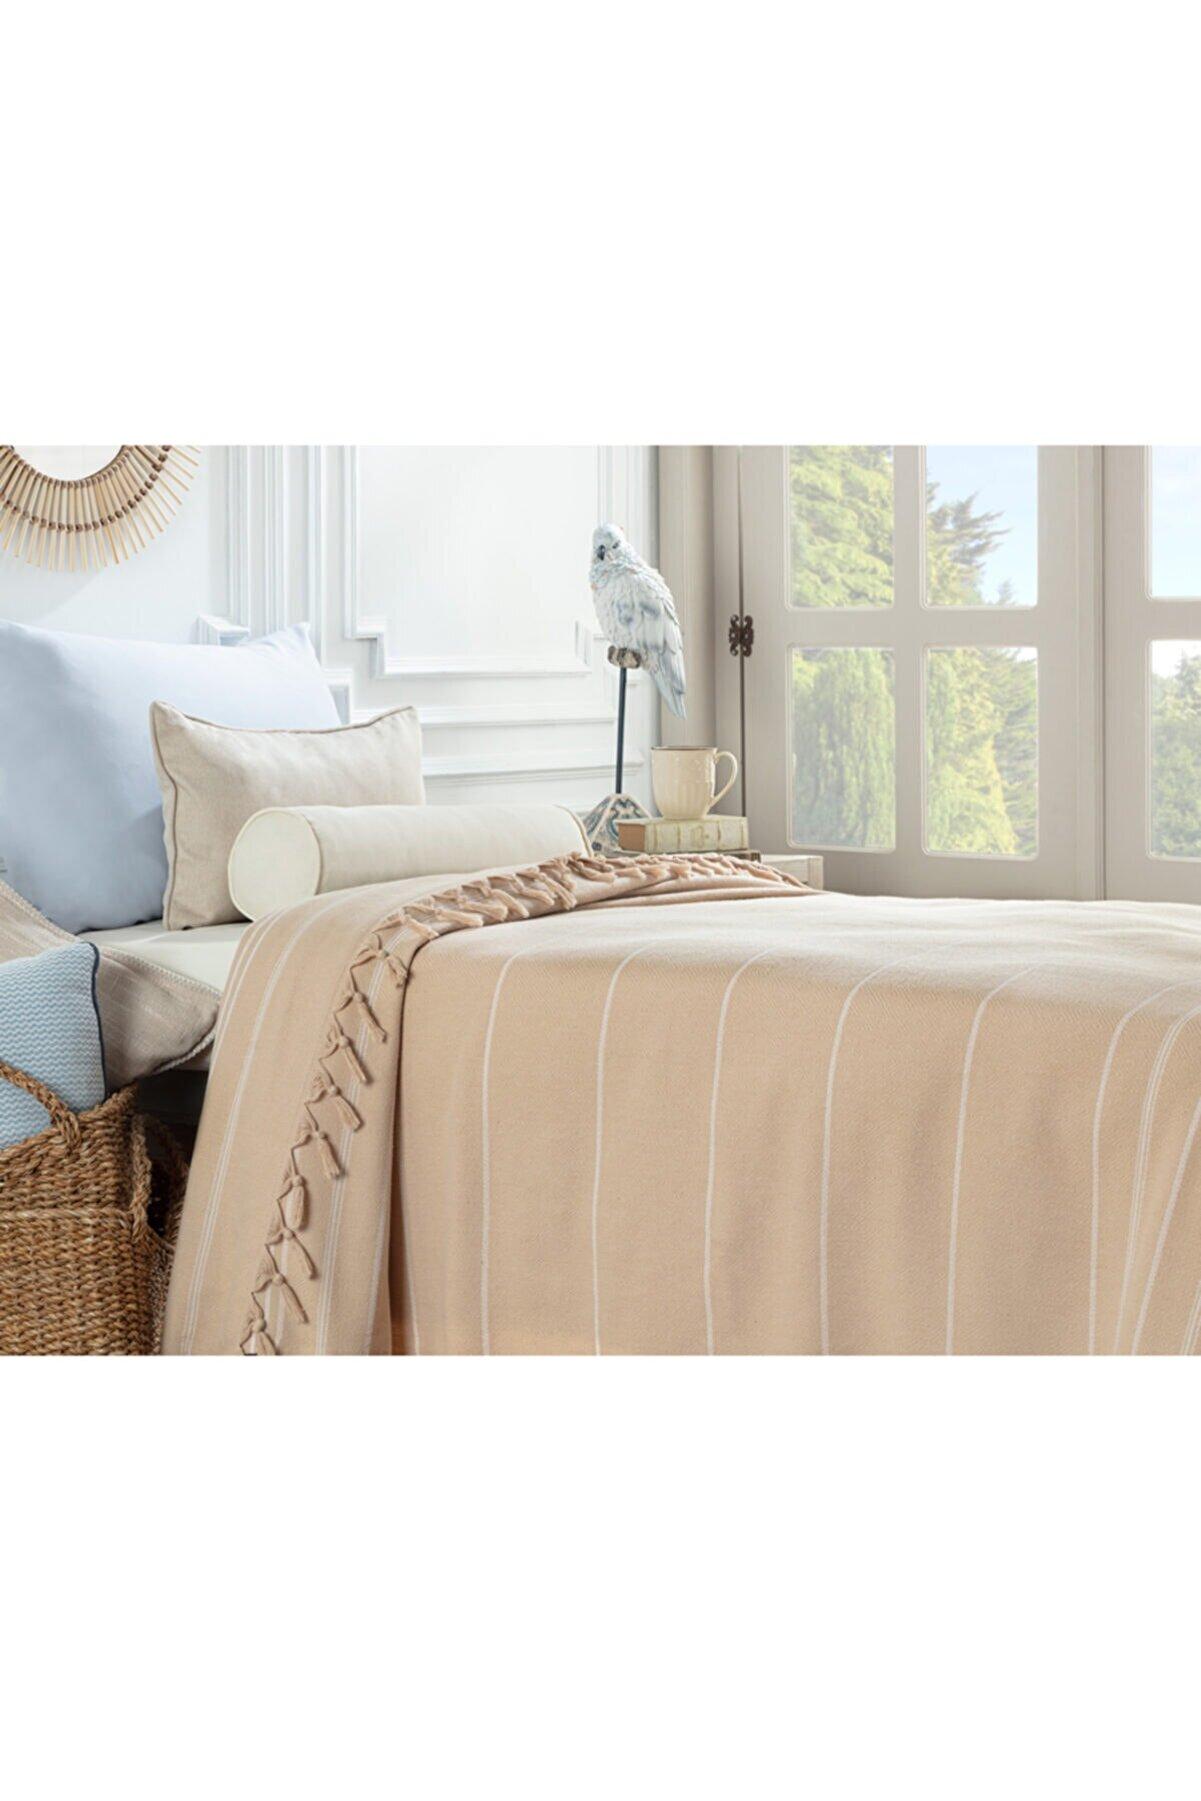 Madame Coco Alegron Tek Kişilik Yıkamalı Yatak Örtüsü - Bej / Beyaz